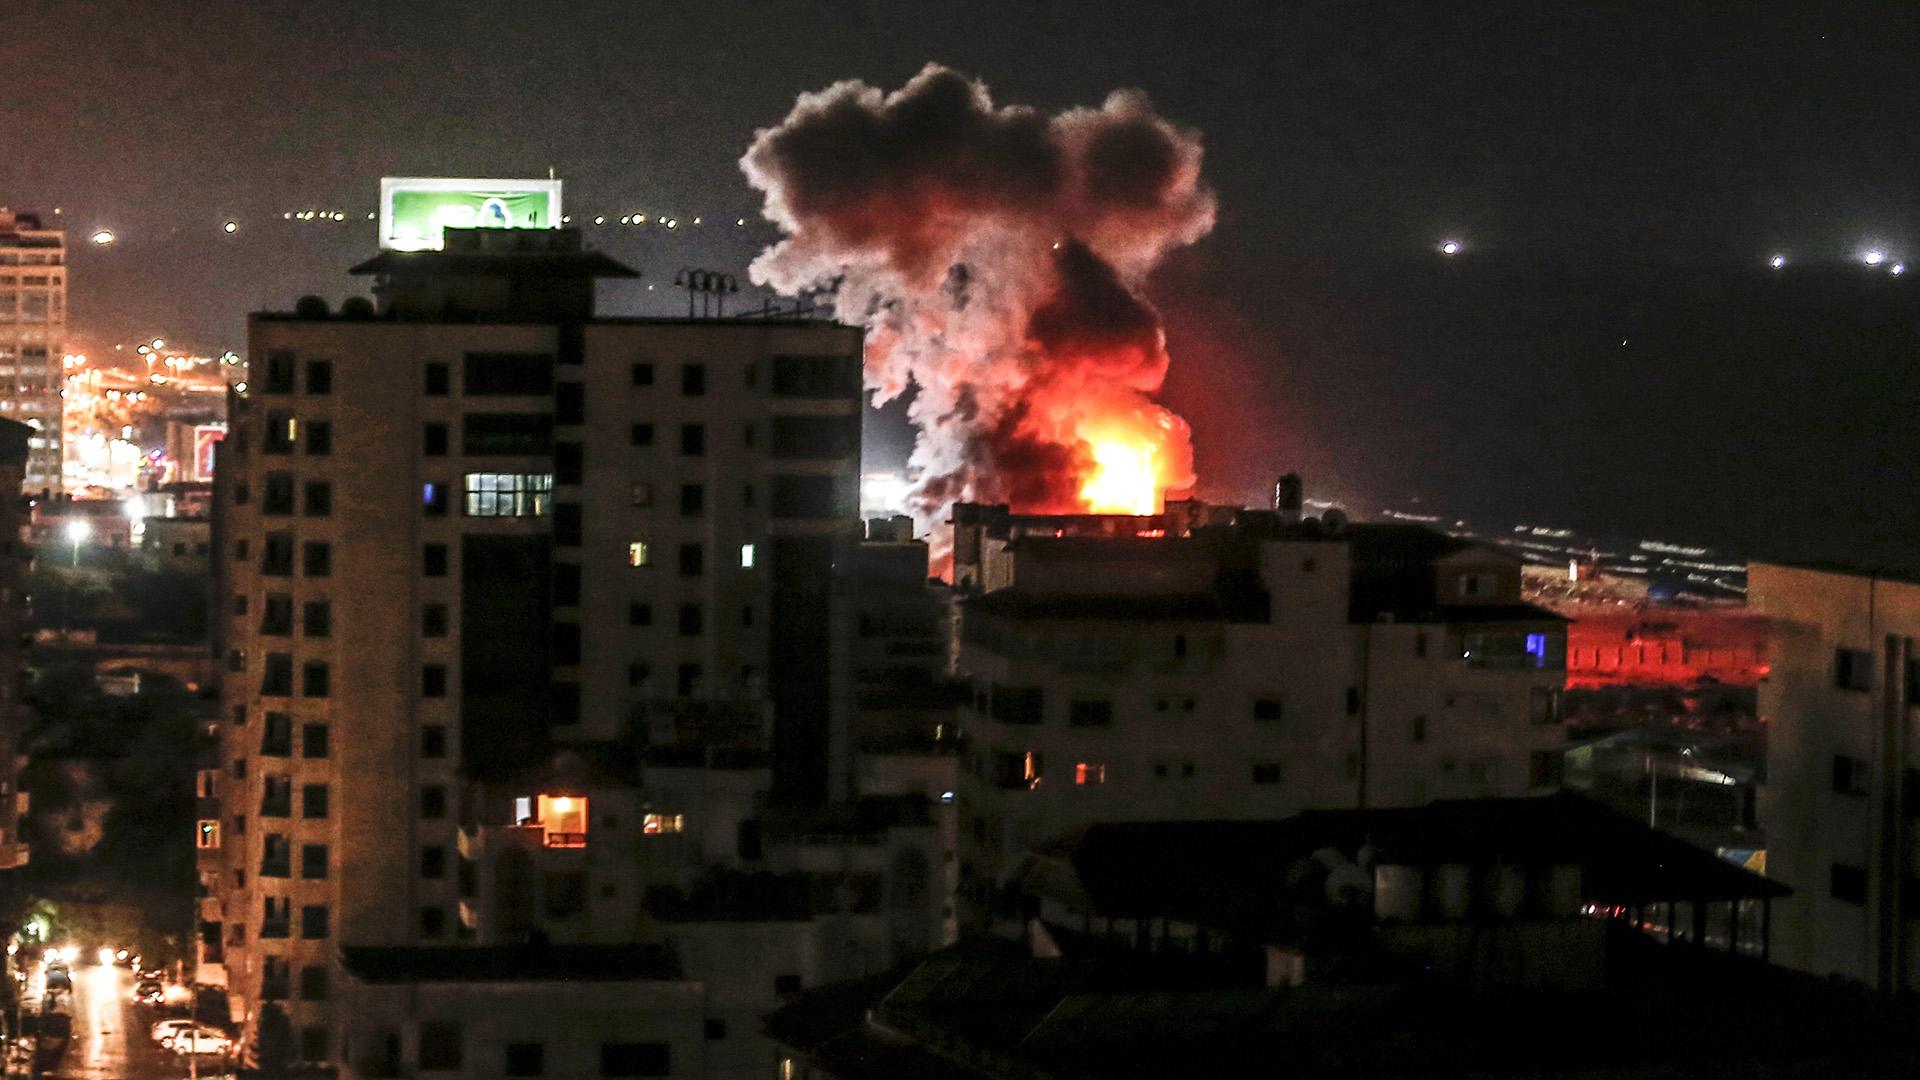 Israel respondió con un ataque aéreo sobre Gaza los misiles lanzados por Hamas (AFP)